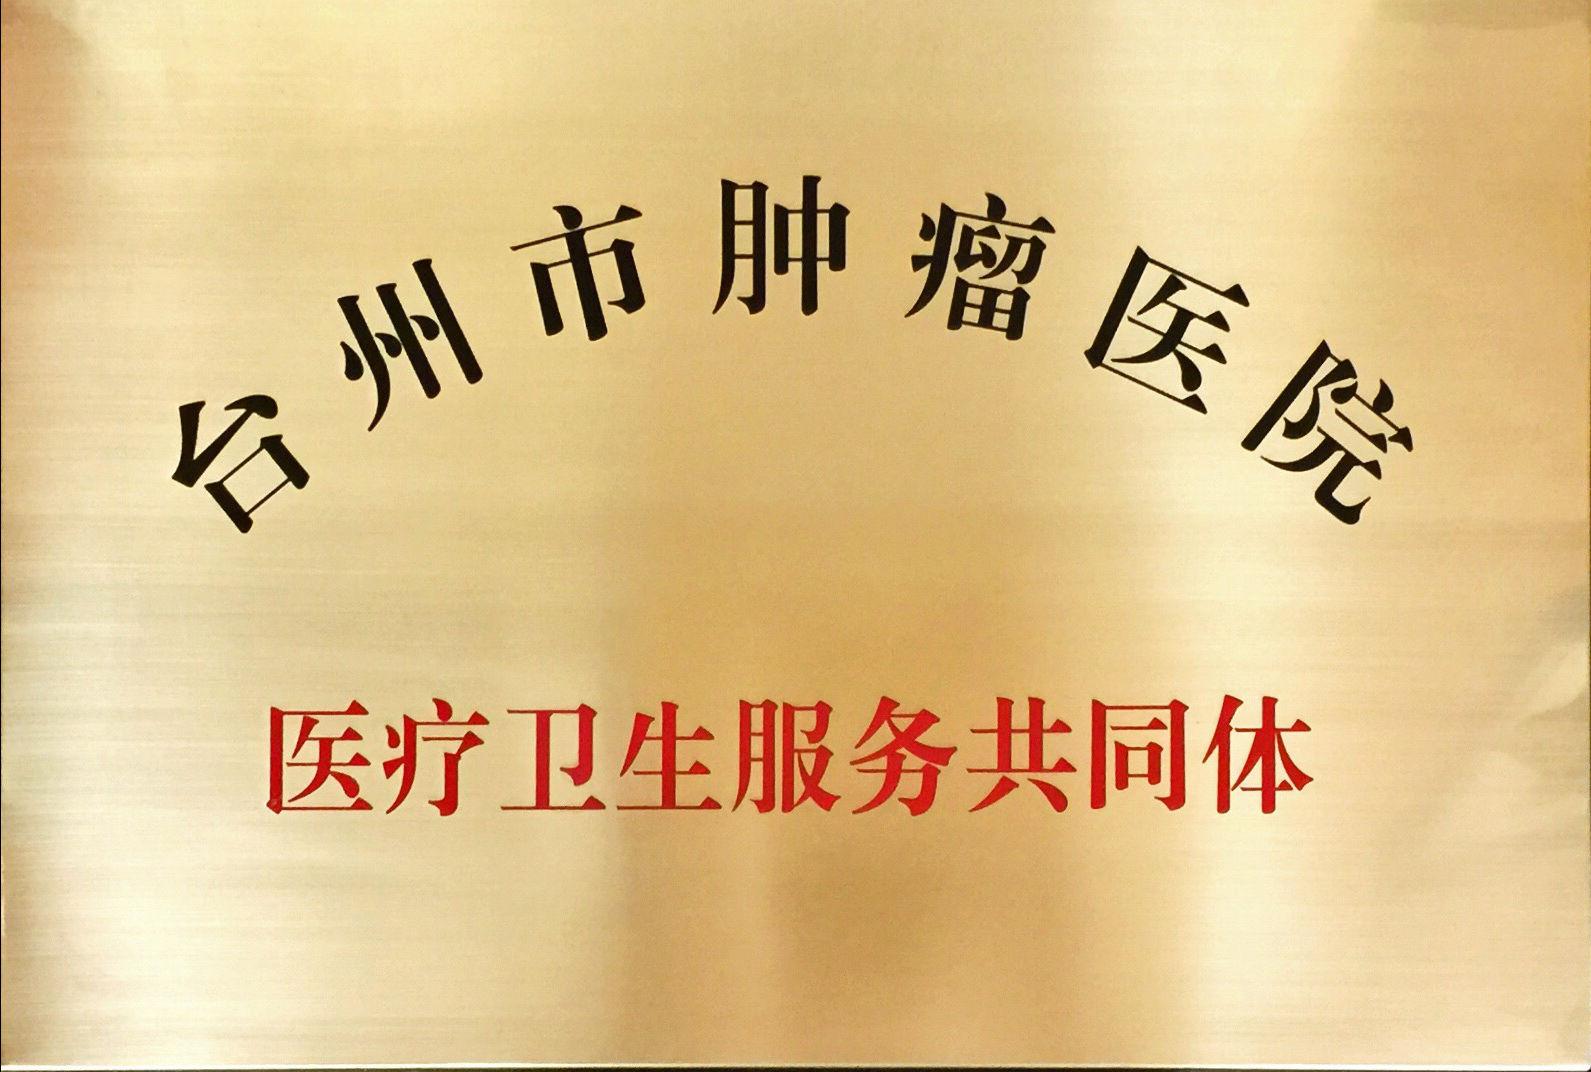 臺腫醫醫共體召開醫共體建設工作推進會